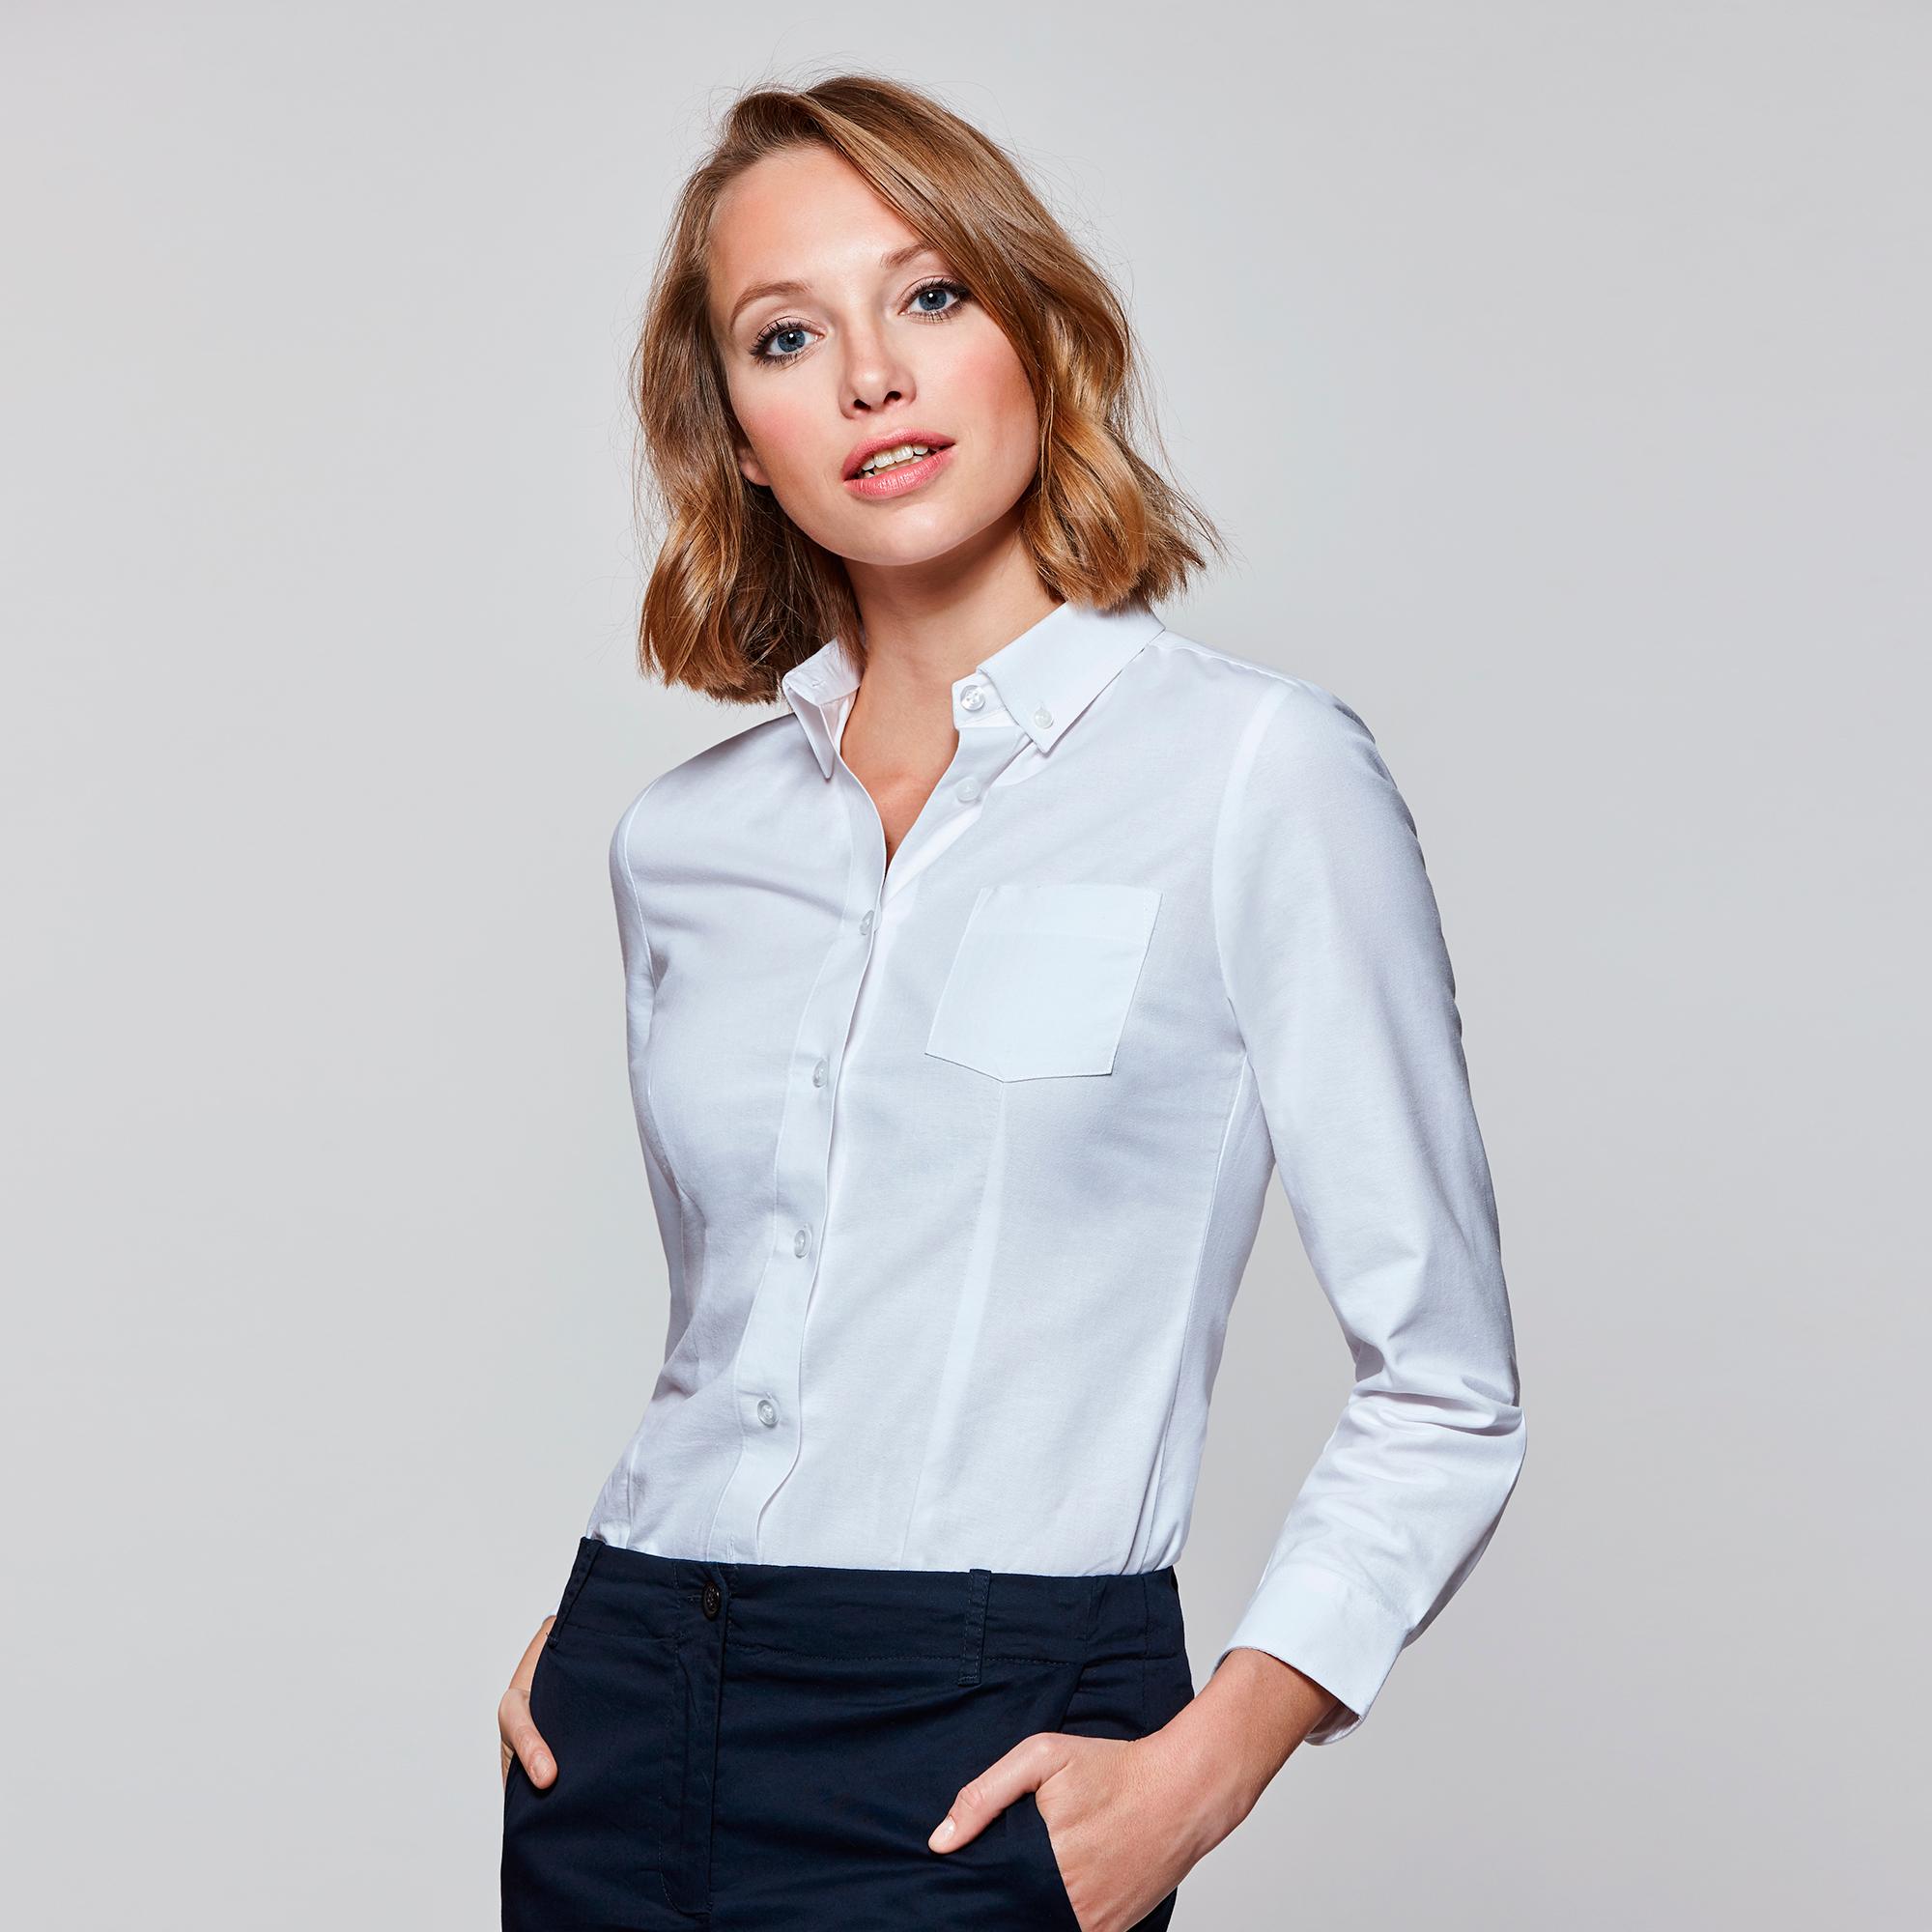 f19c0dd8f9 Camisa ROLY Oxford mujer